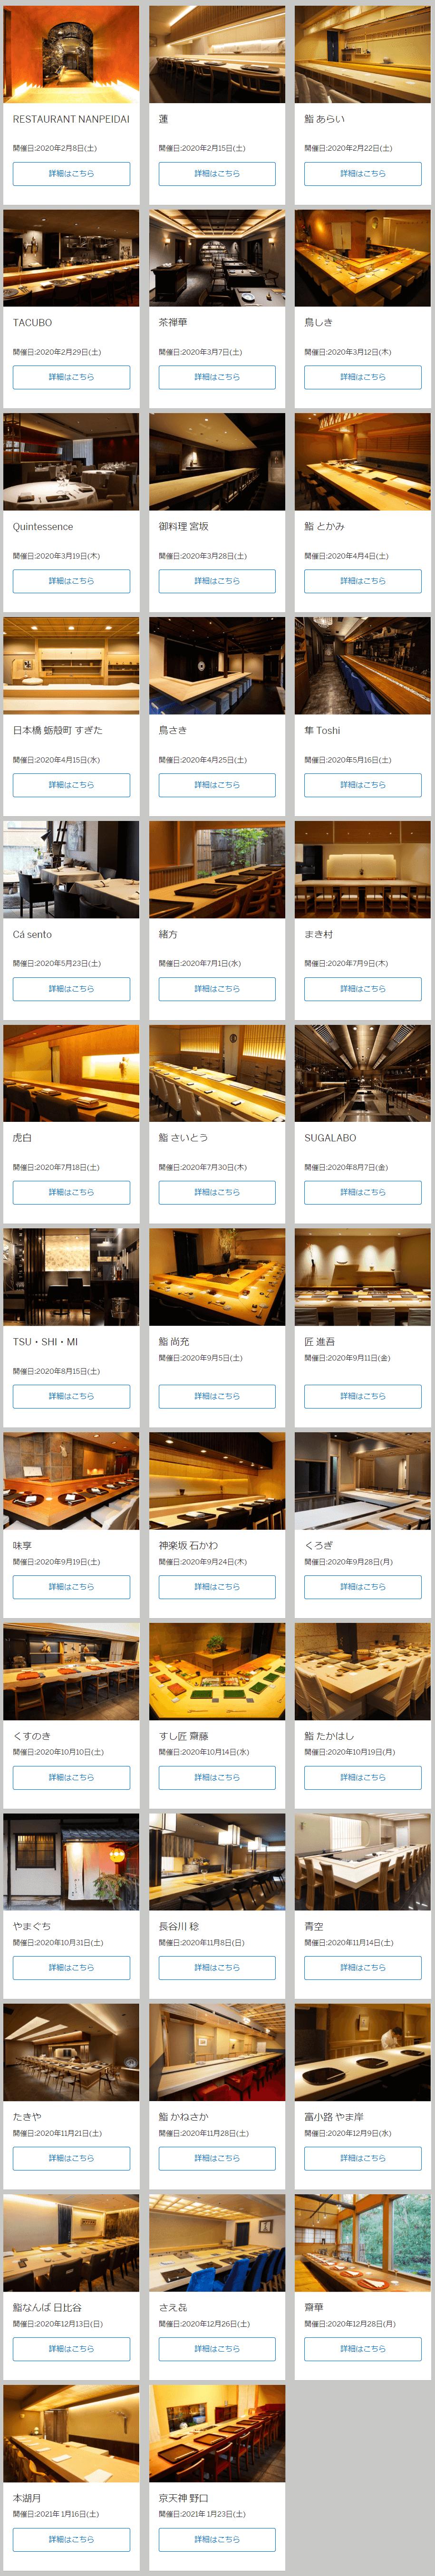 日本の極 KIWAMI 50の開催店舗例